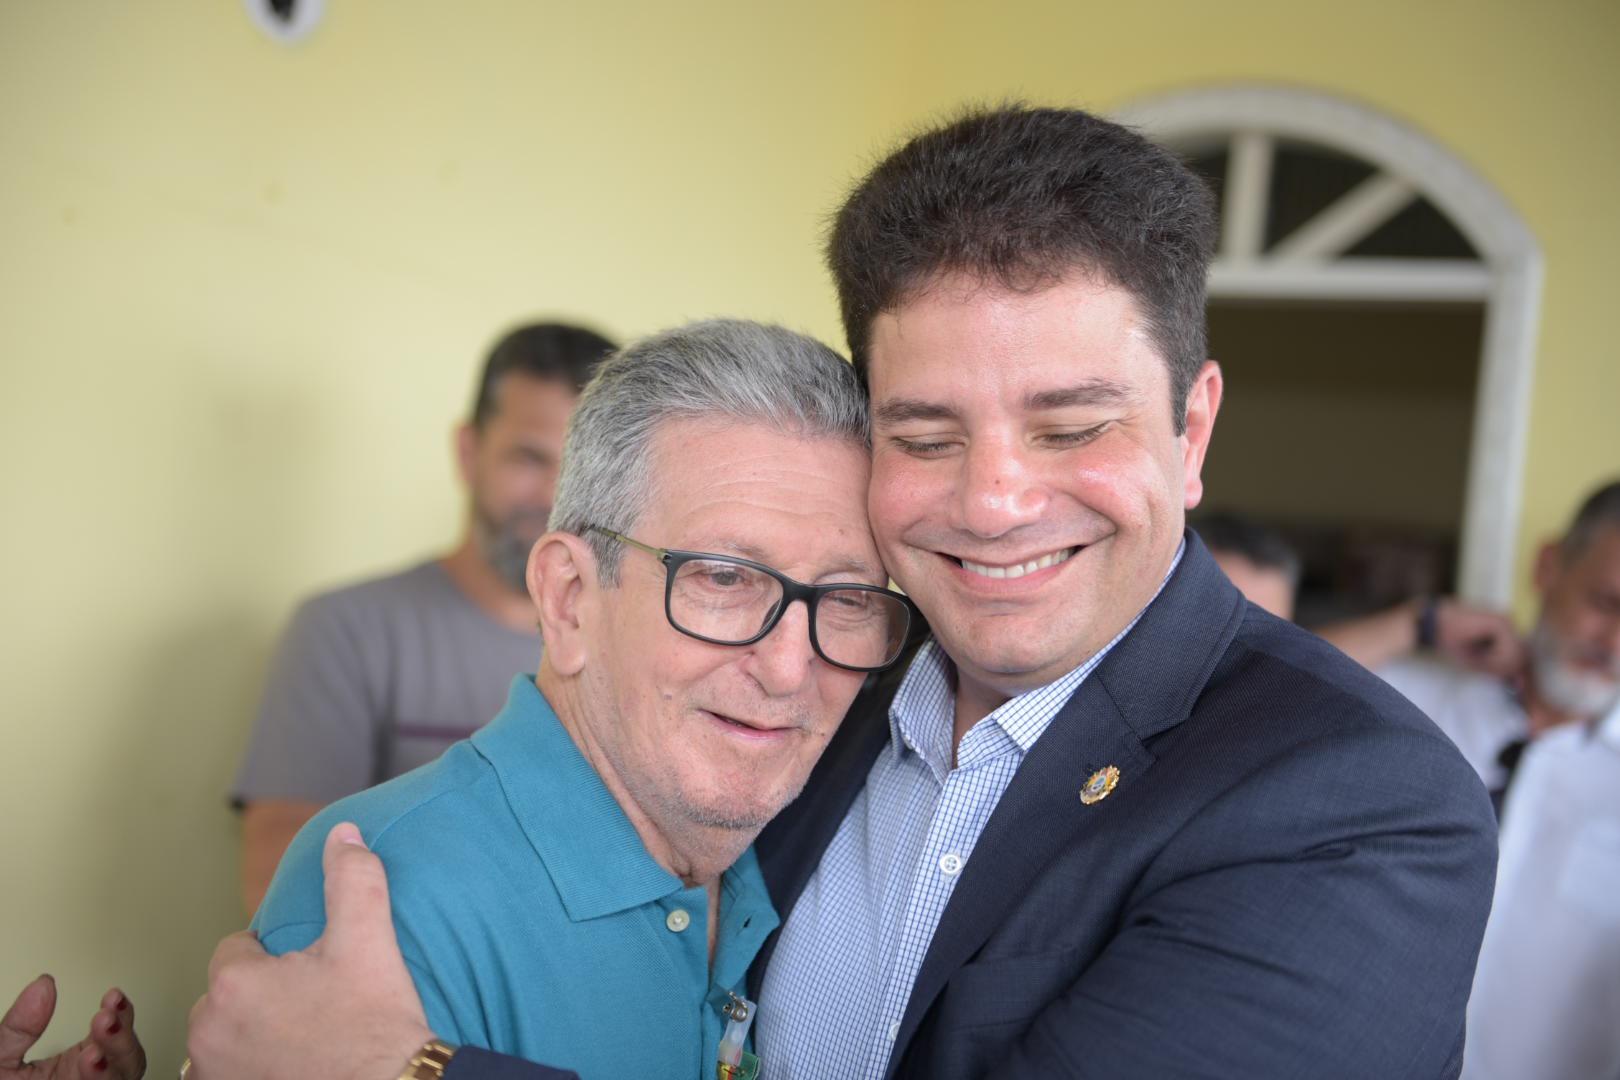 Ex-prefeito de 78 anos é homenageado com a Estrela do Acre por Gladson Cameli